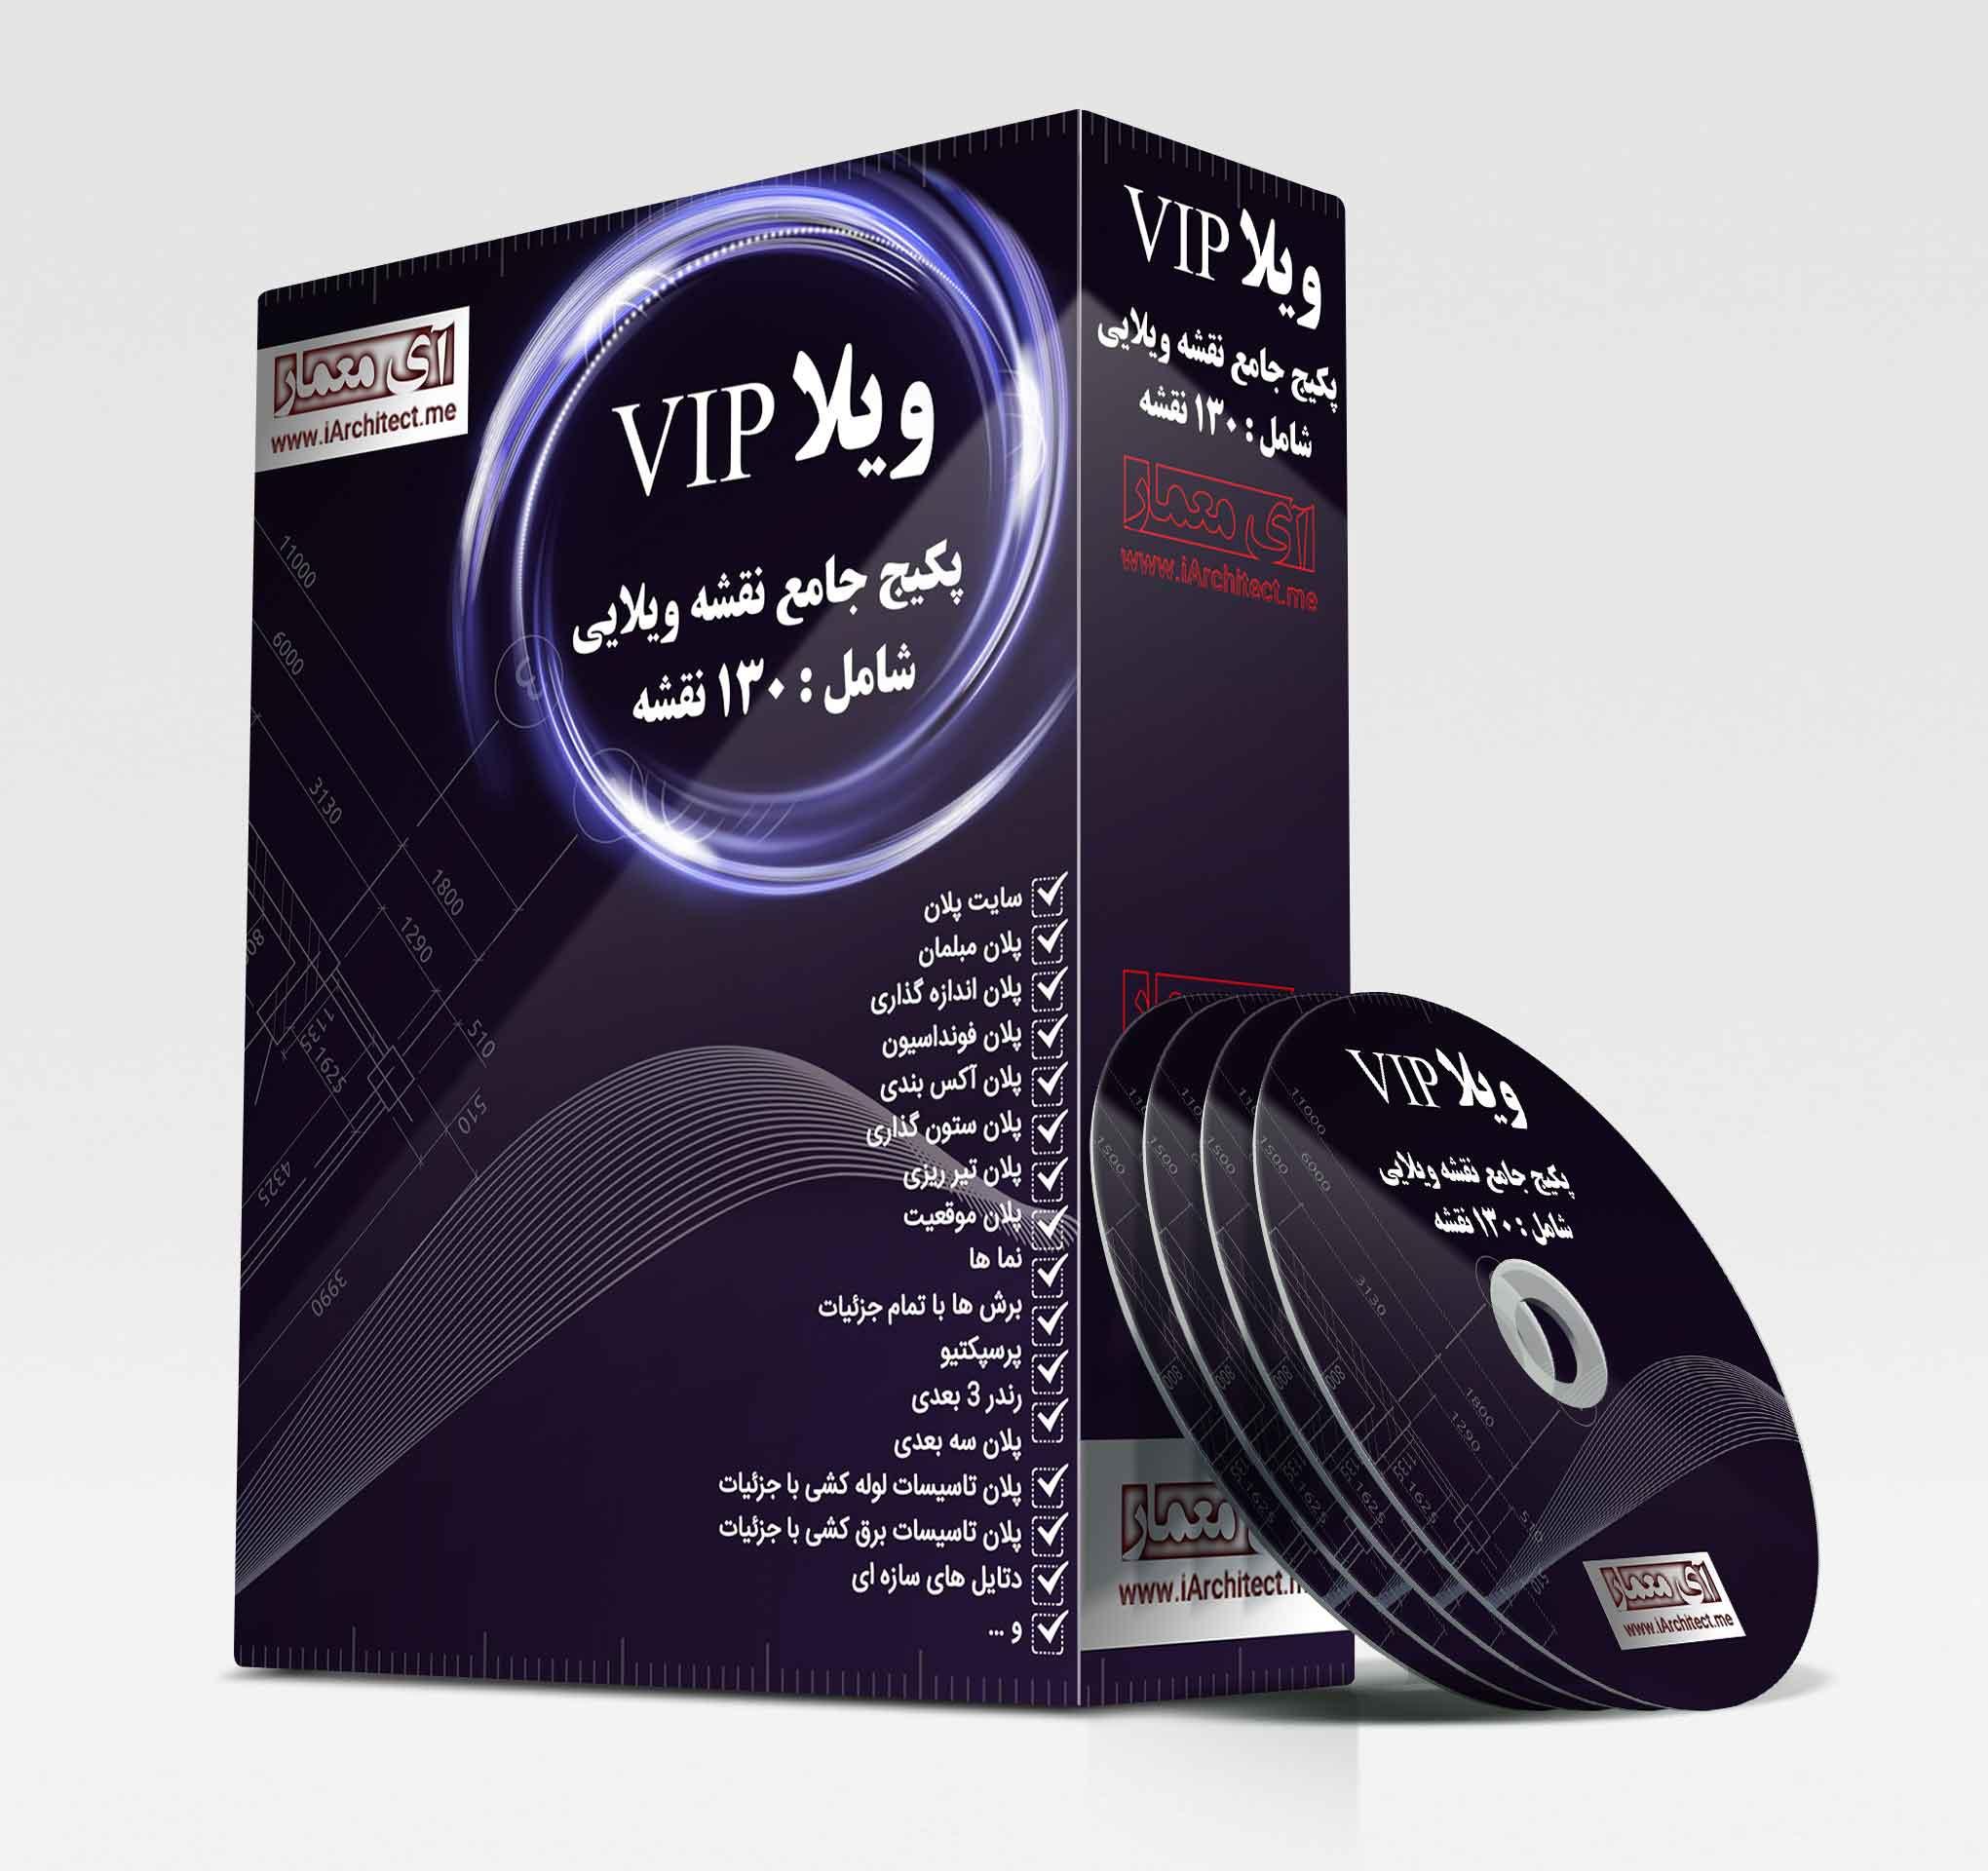 پکیج نقشه های ویلایی VIP